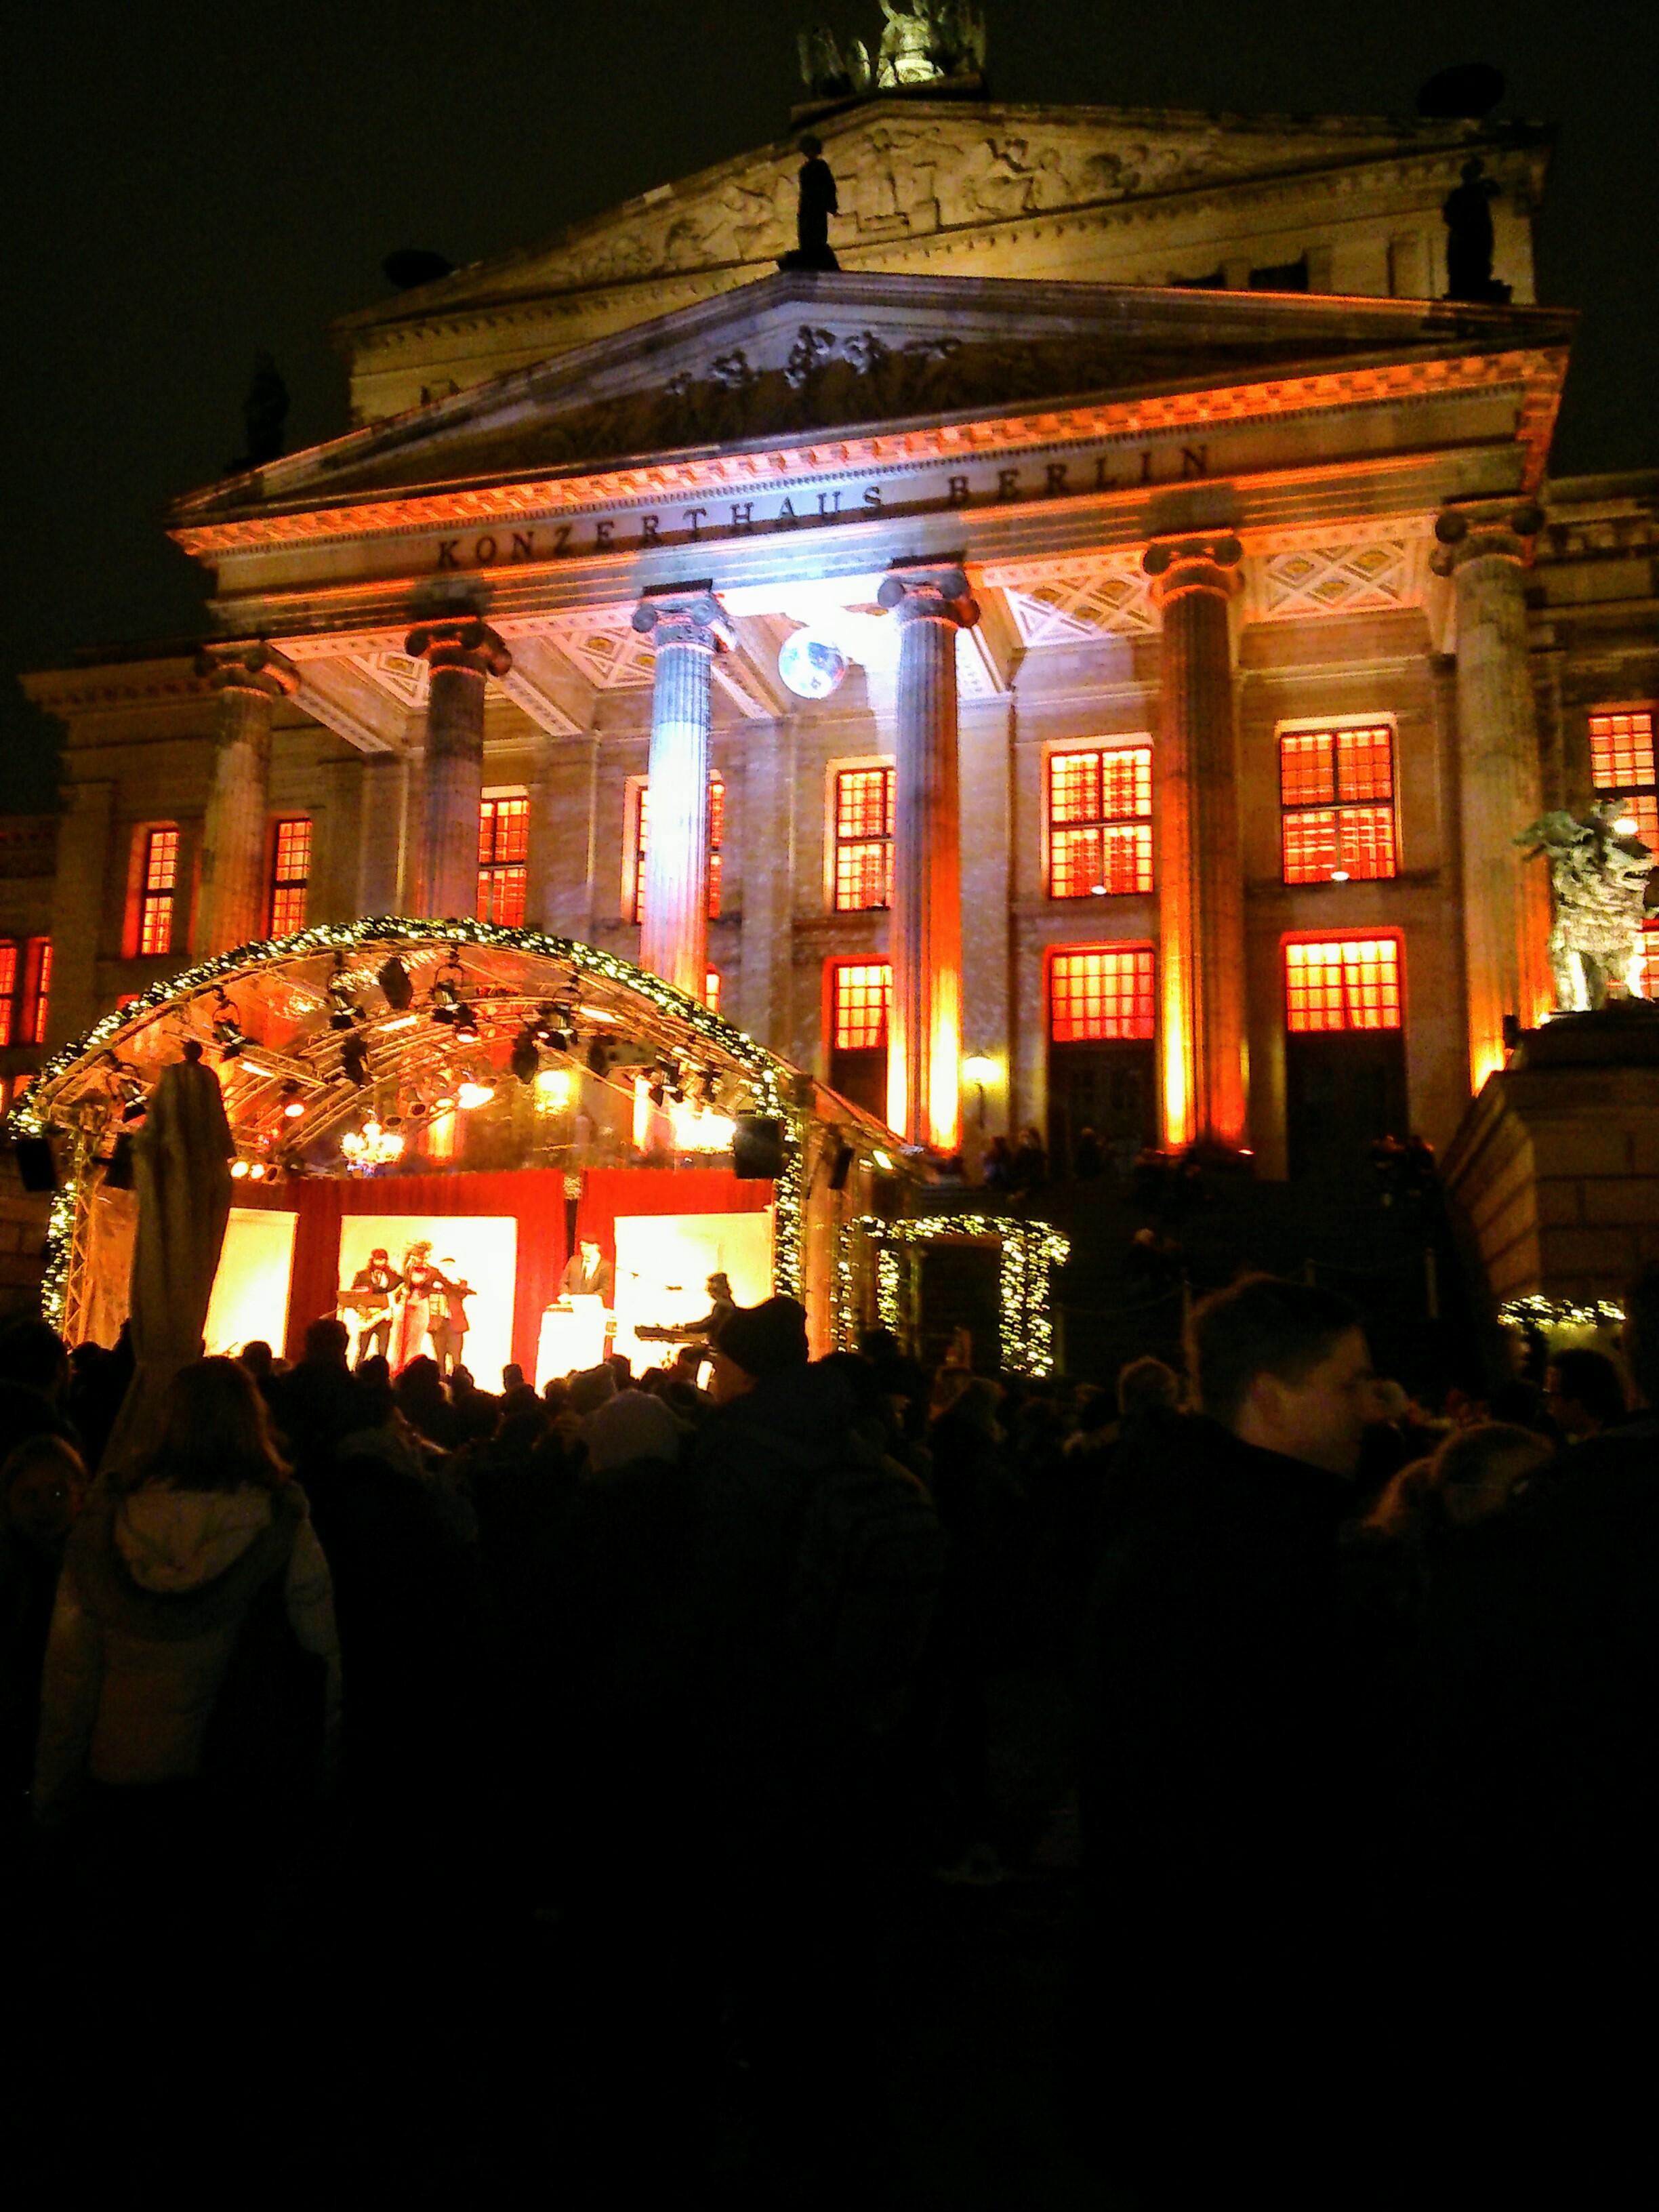 Konzerthaus at Gendarmenmarkt